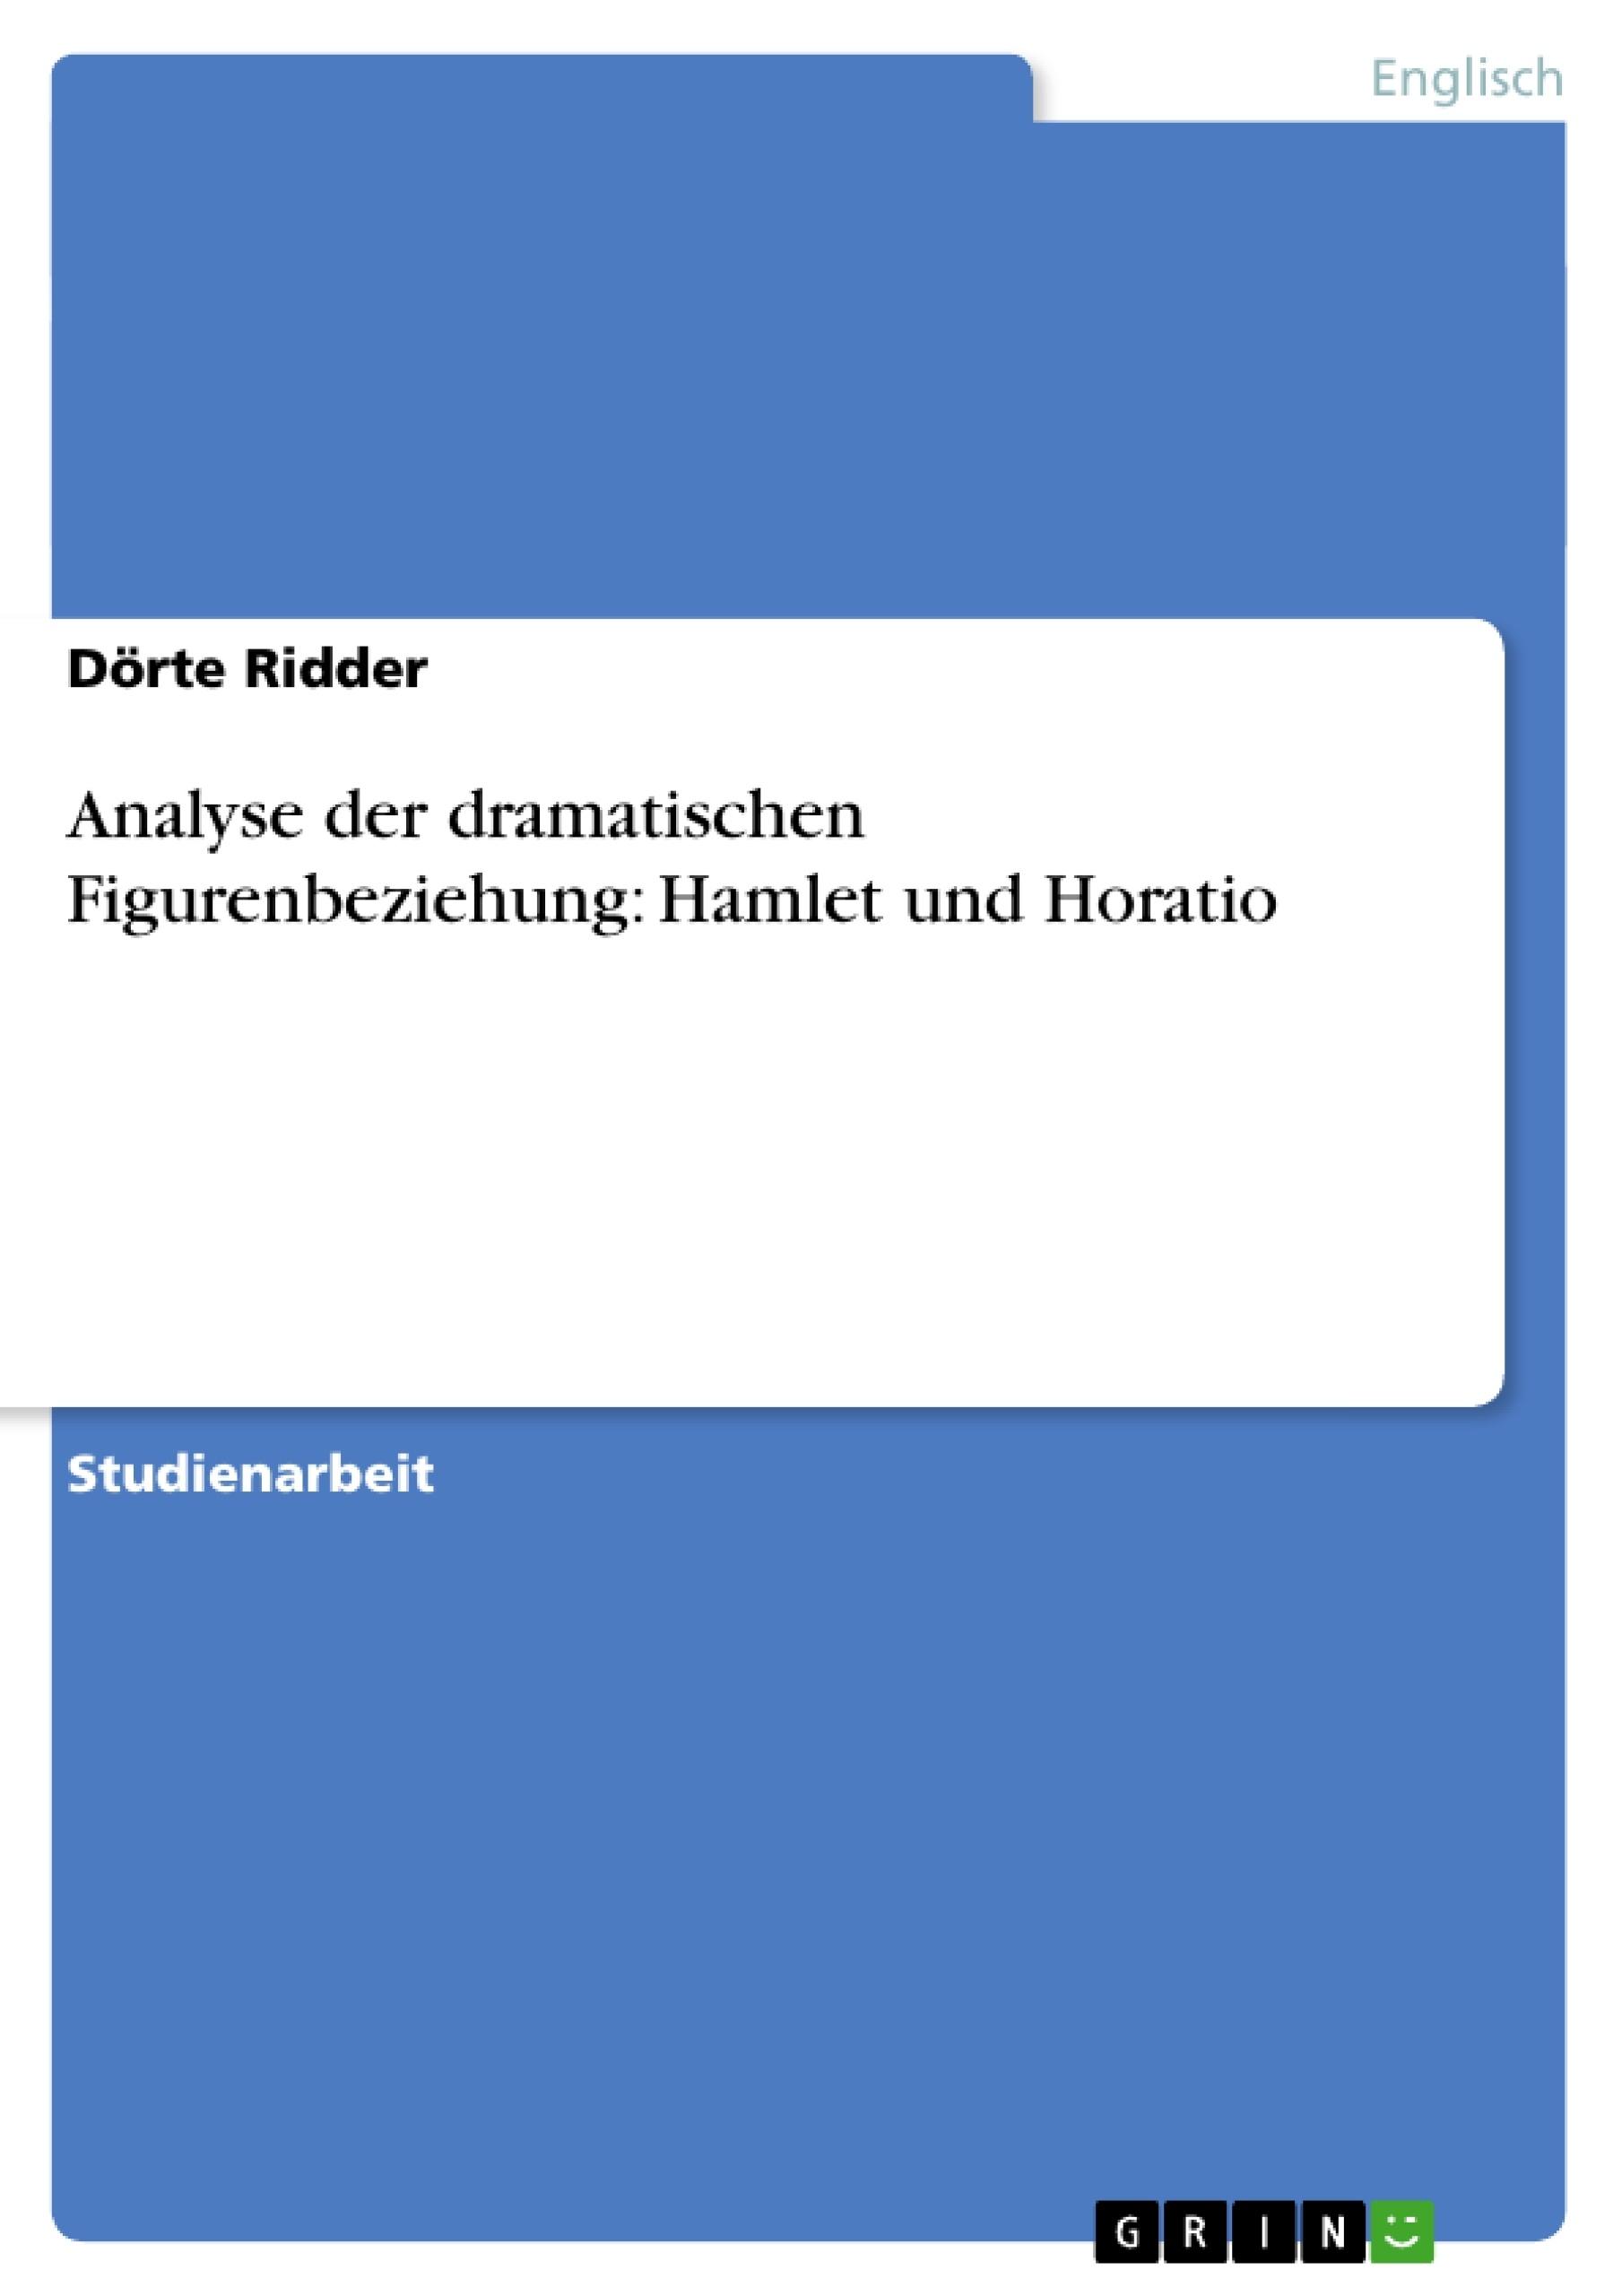 Titel: Analyse der dramatischen Figurenbeziehung: Hamlet und Horatio